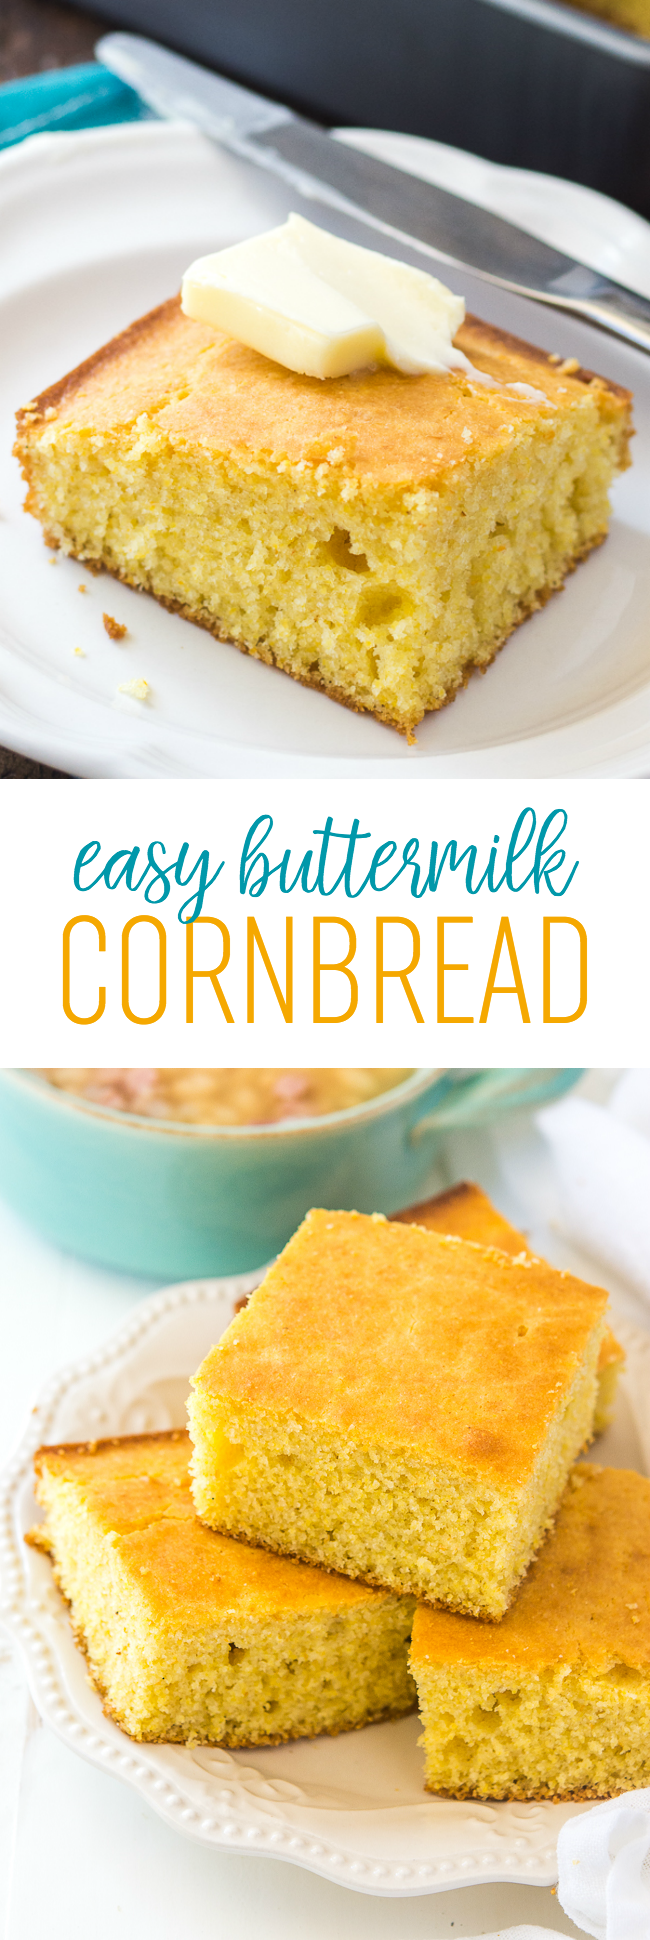 21 corn bread recipes ideas